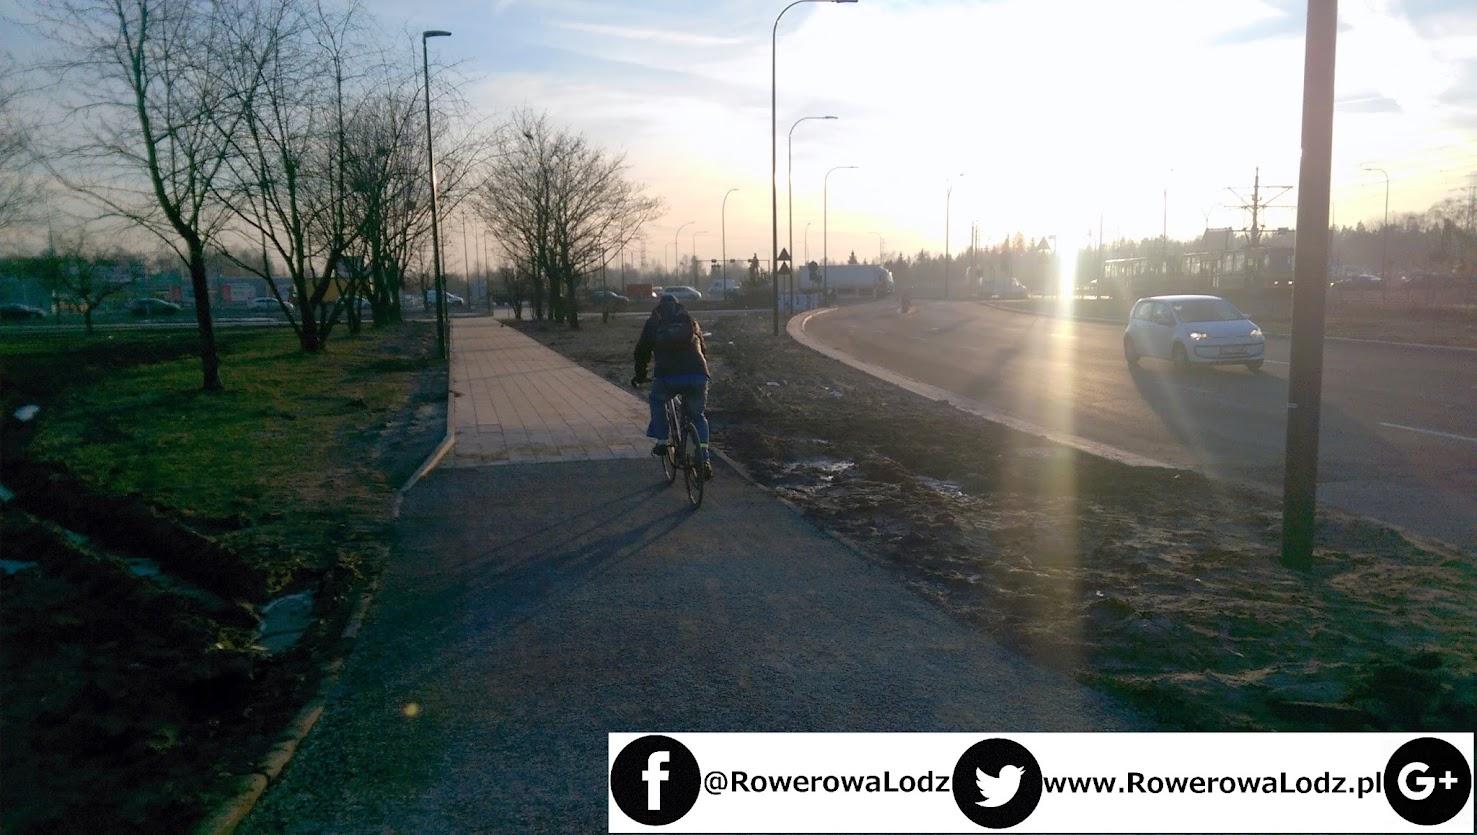 Ktoś stwierdził, że miejsca tu brakuje więc rowerzystów skieruje na chodnik